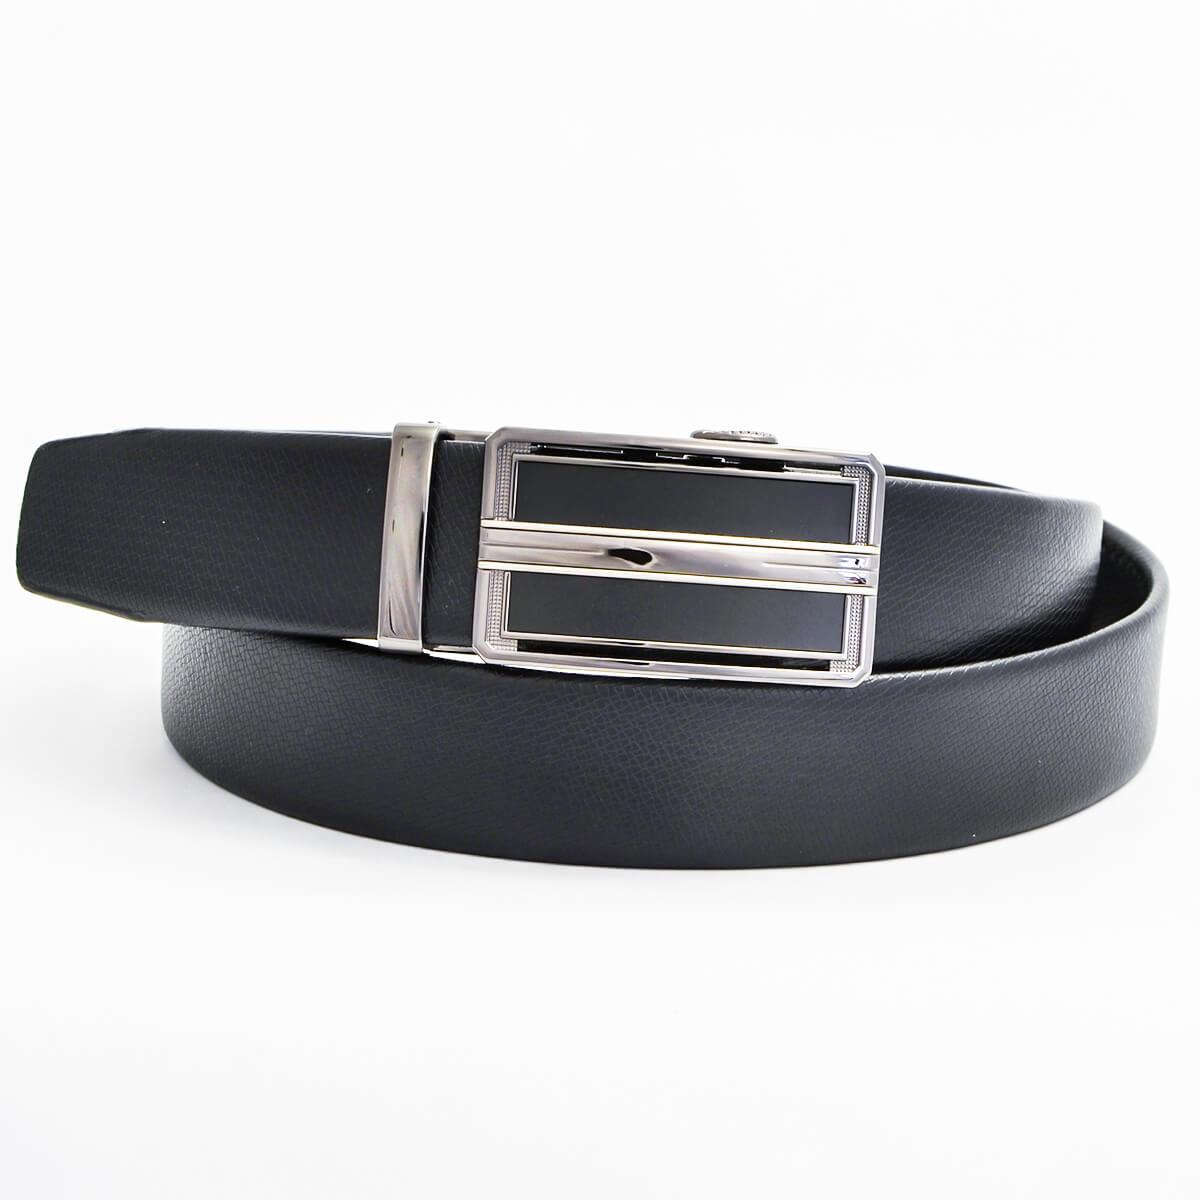 Pánsky kožený opasok - čierny vzor 6, veľkosť 42 (120 cm - 46)